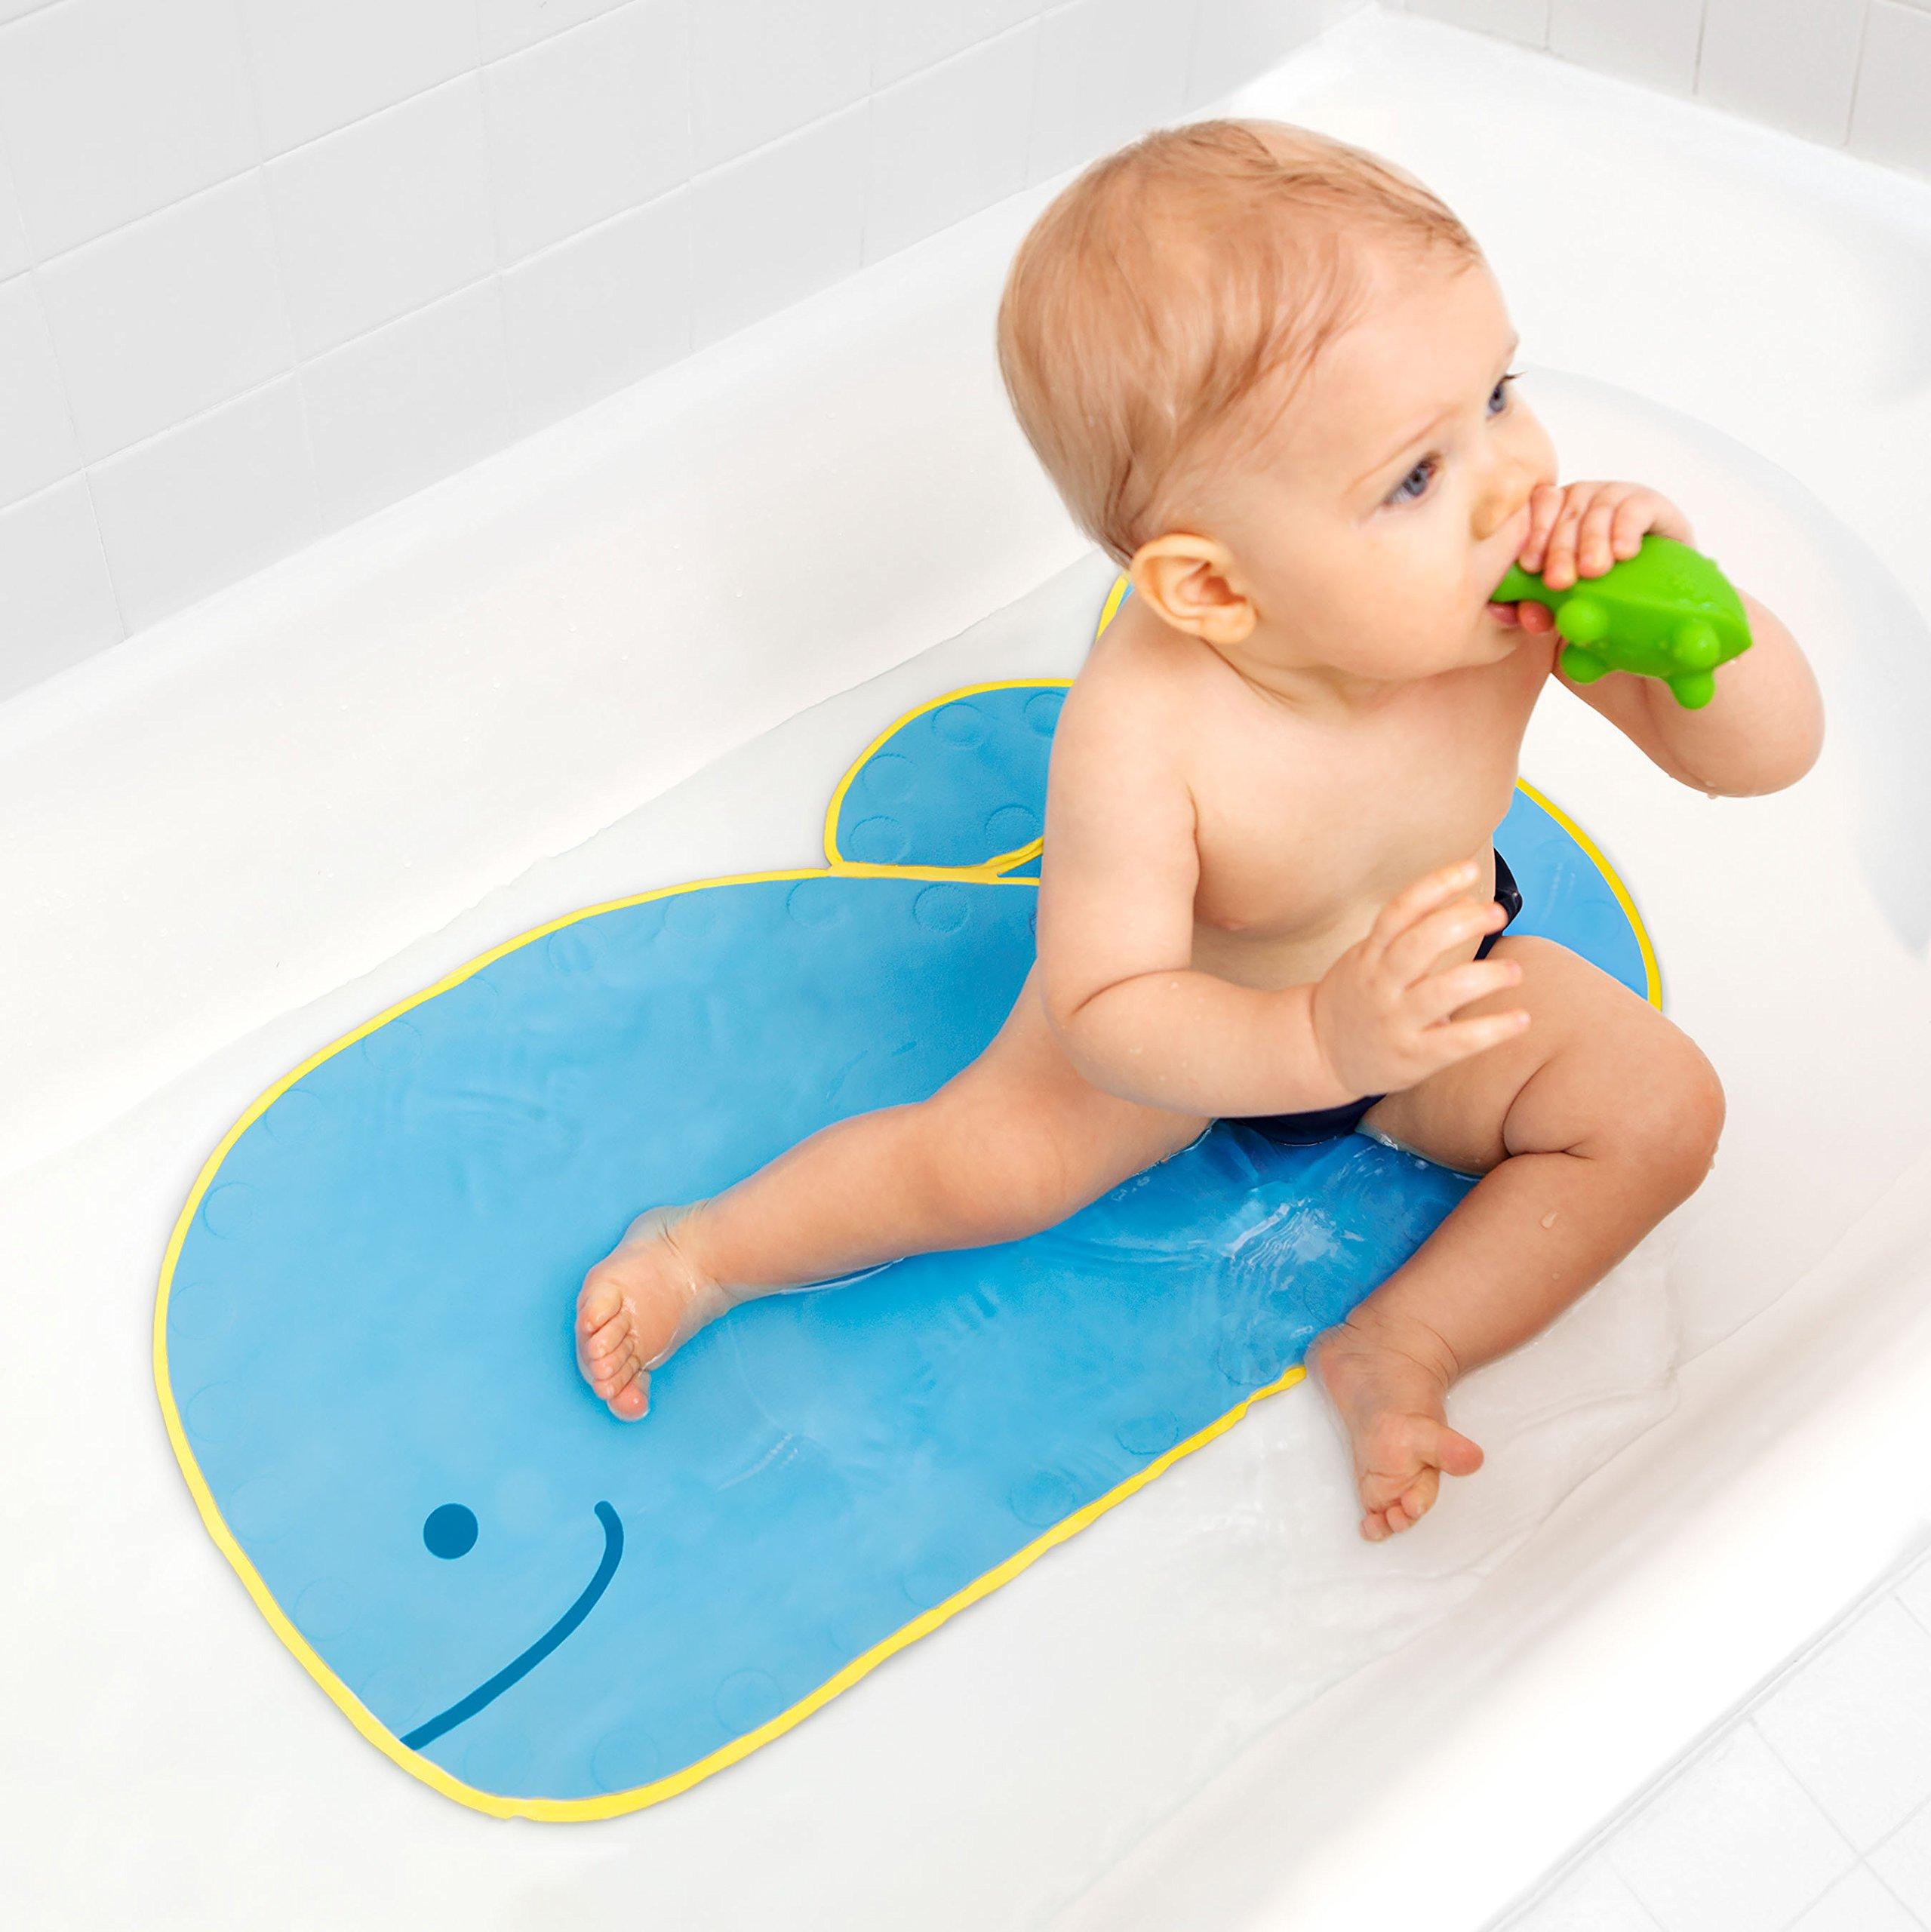 Skip Hop Moby Baby Bath Set, Four Bathtime Essentials - Spout Cover, Bath Kneeler, Elbow Pad, And Bath Mat, Blue by Skip Hop (Image #8)